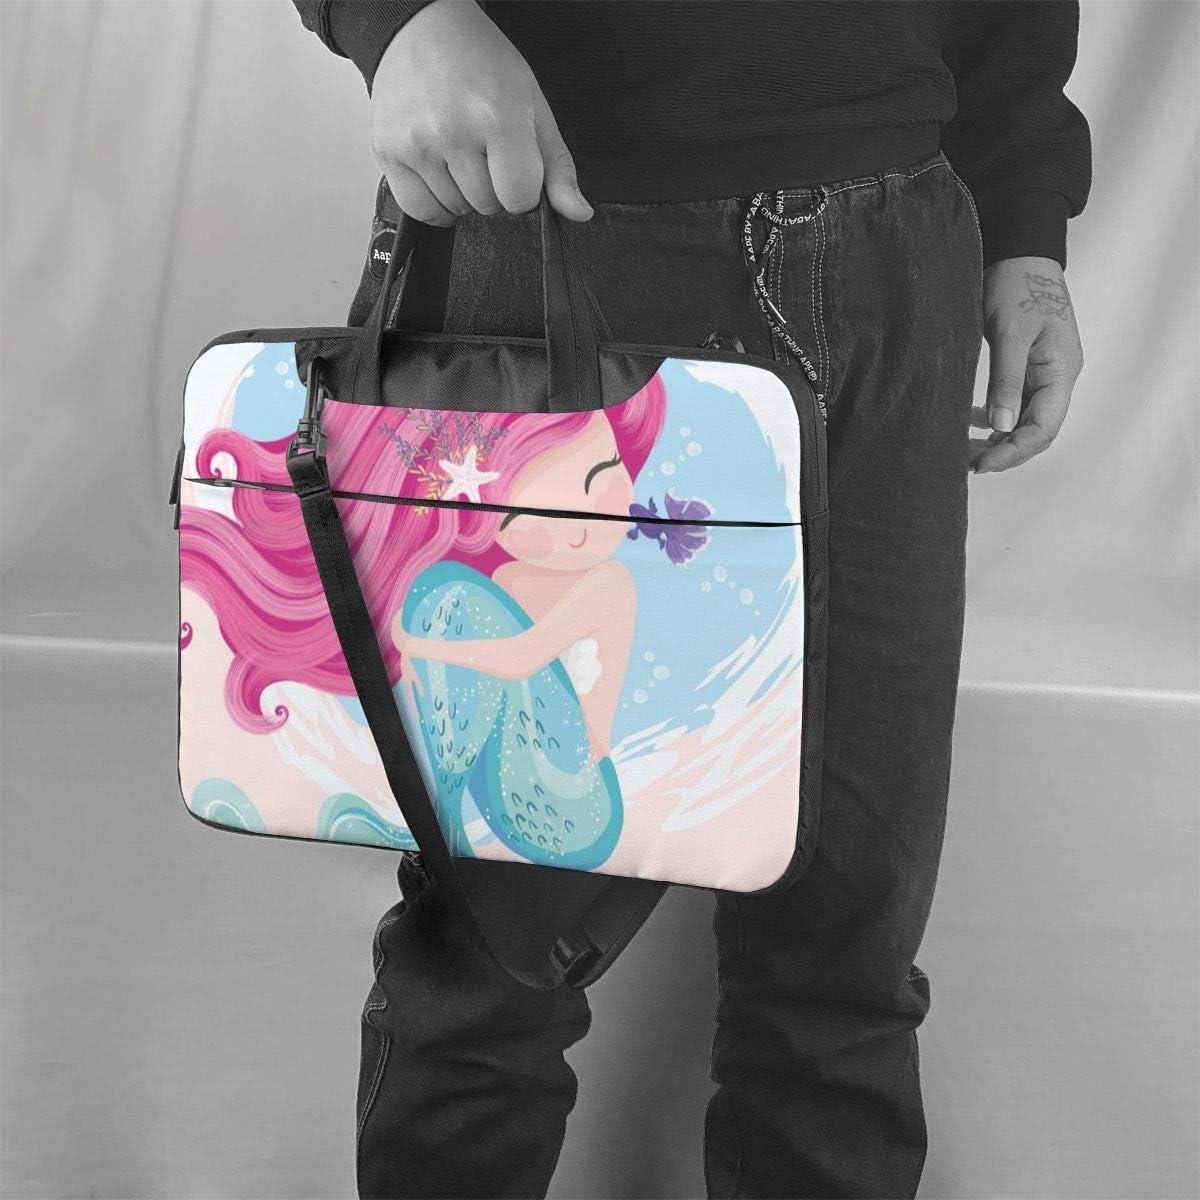 Mermaid Little Fish Laptop Bag Messenger Bag Briefcase Satchel Shoulder Crossbody Sling Working Bag 13 Inch